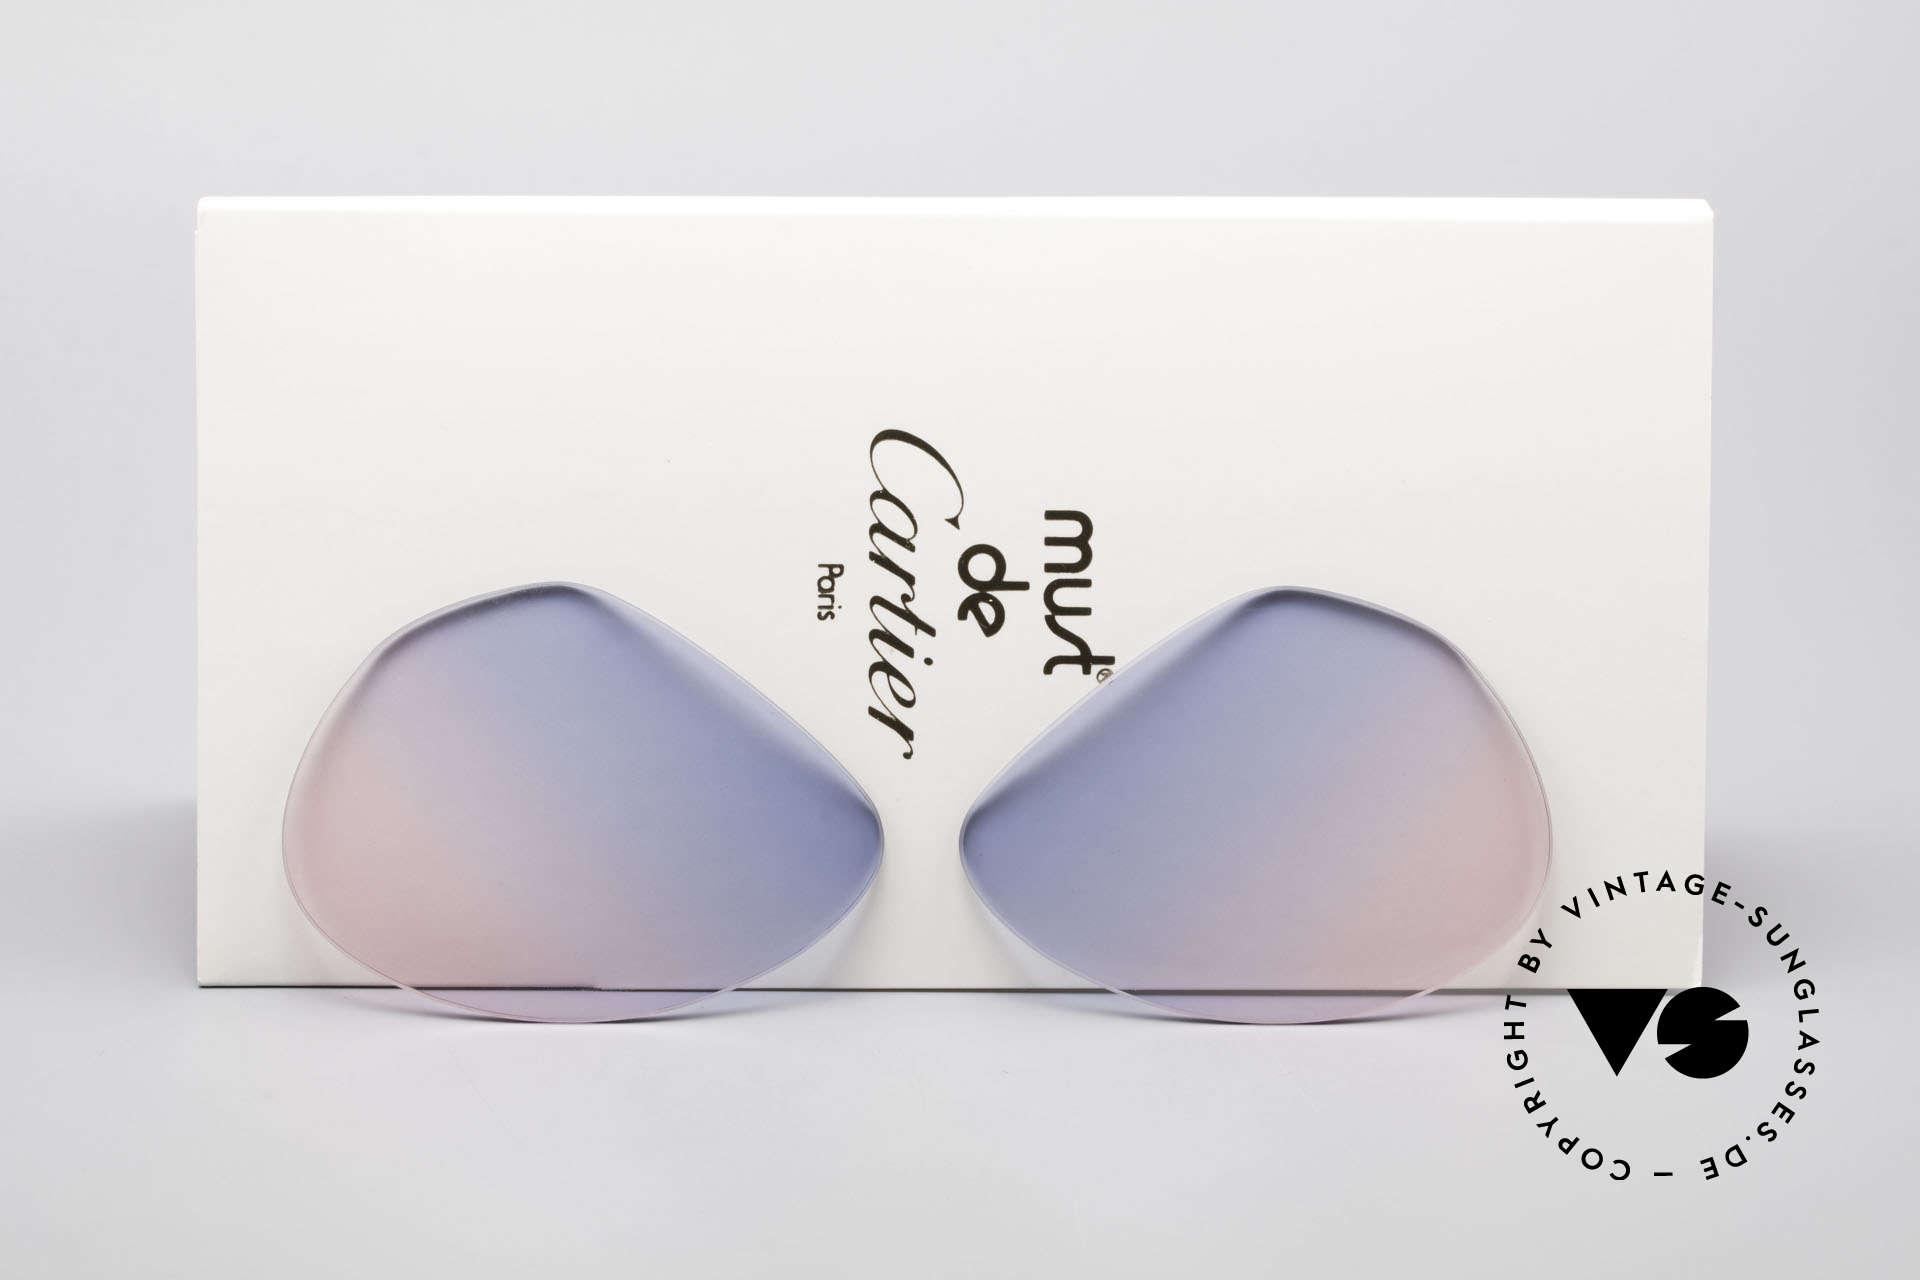 Cartier Vendome Lenses - M Sonnenglas Blau Pink Verlauf, Ersatzgläser für Cartier Modell Vendome MEDIUM 59mm, Passend für Herren